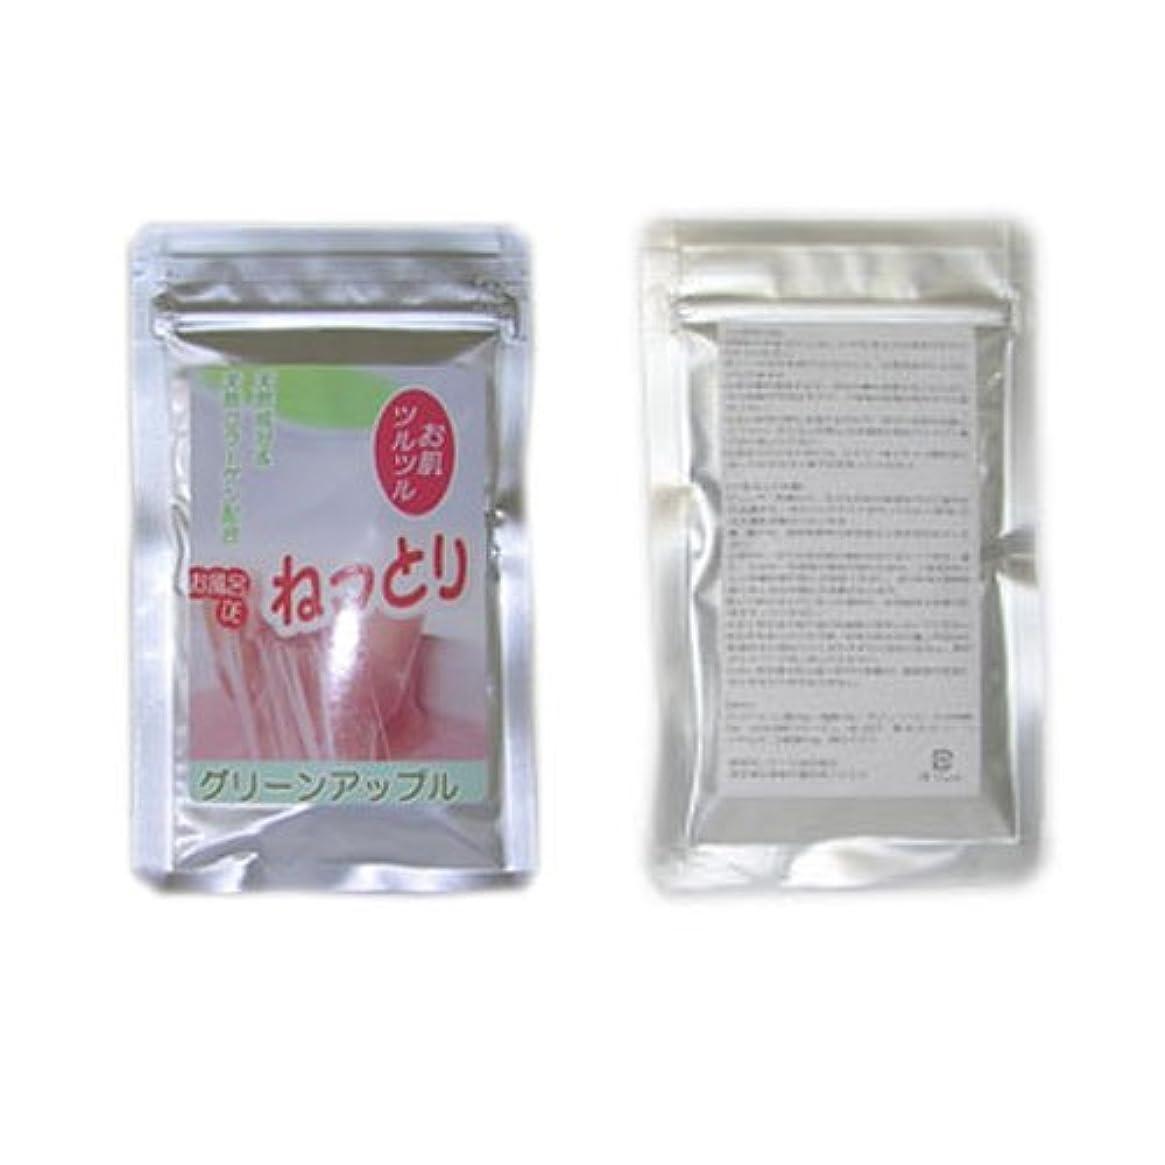 レシピタバコ手荷物お試し版 ローションバス 「お風呂でねっとり」 とろとろ入浴剤(グリーンアップル) 50g